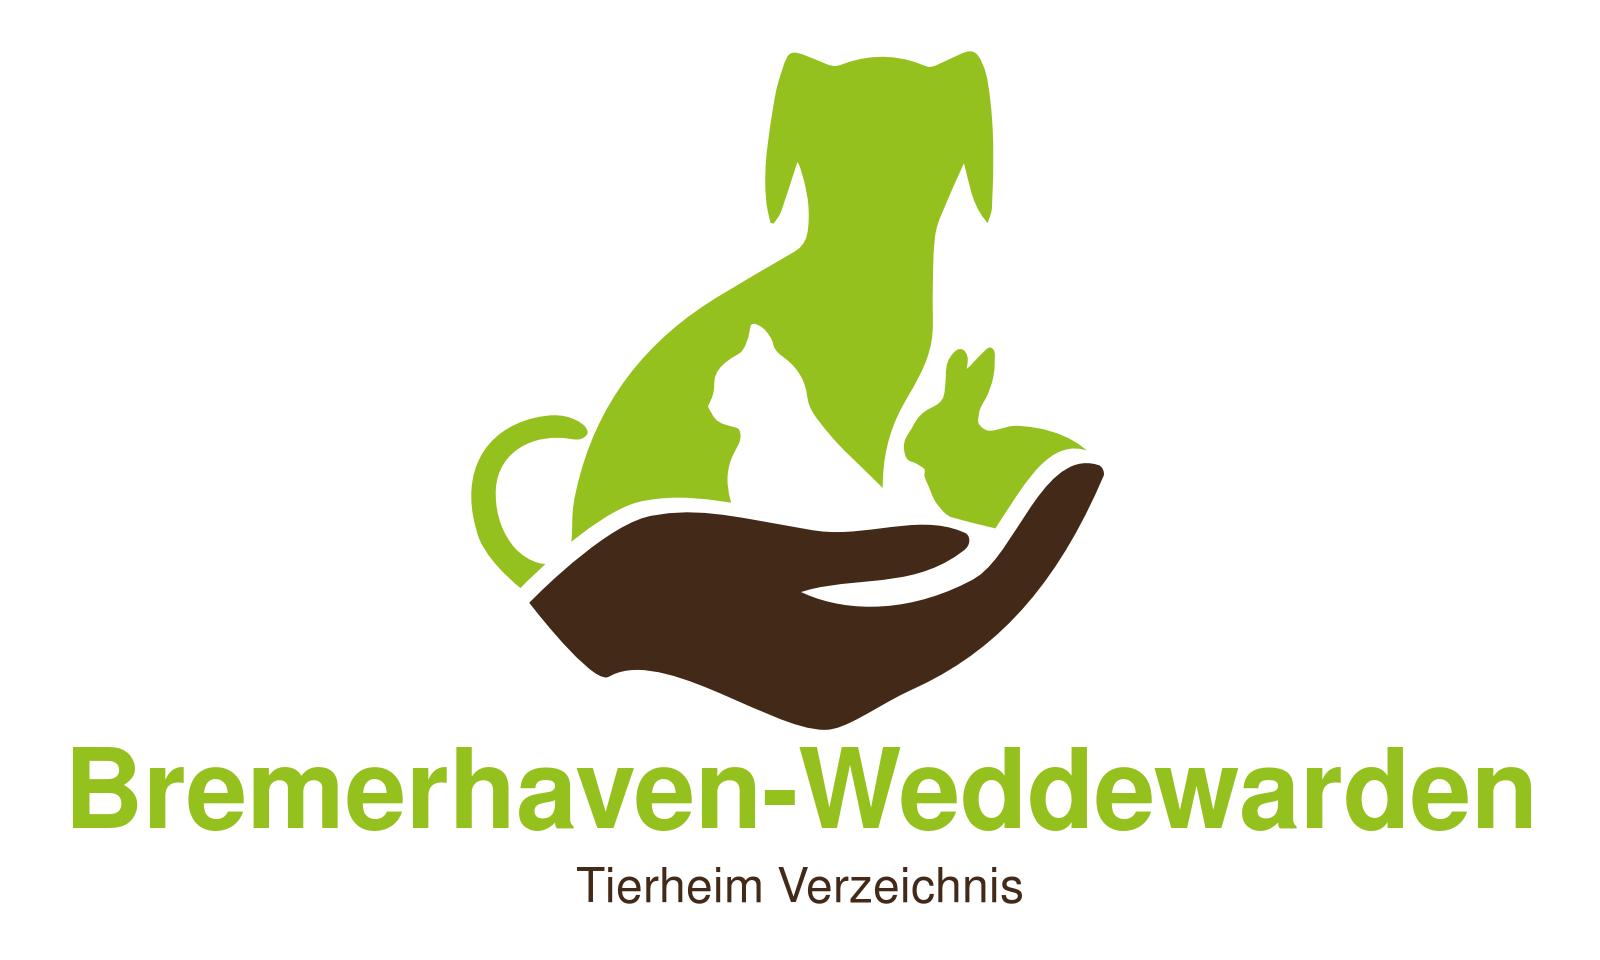 Tierheim Bremerhaven Weddewarden